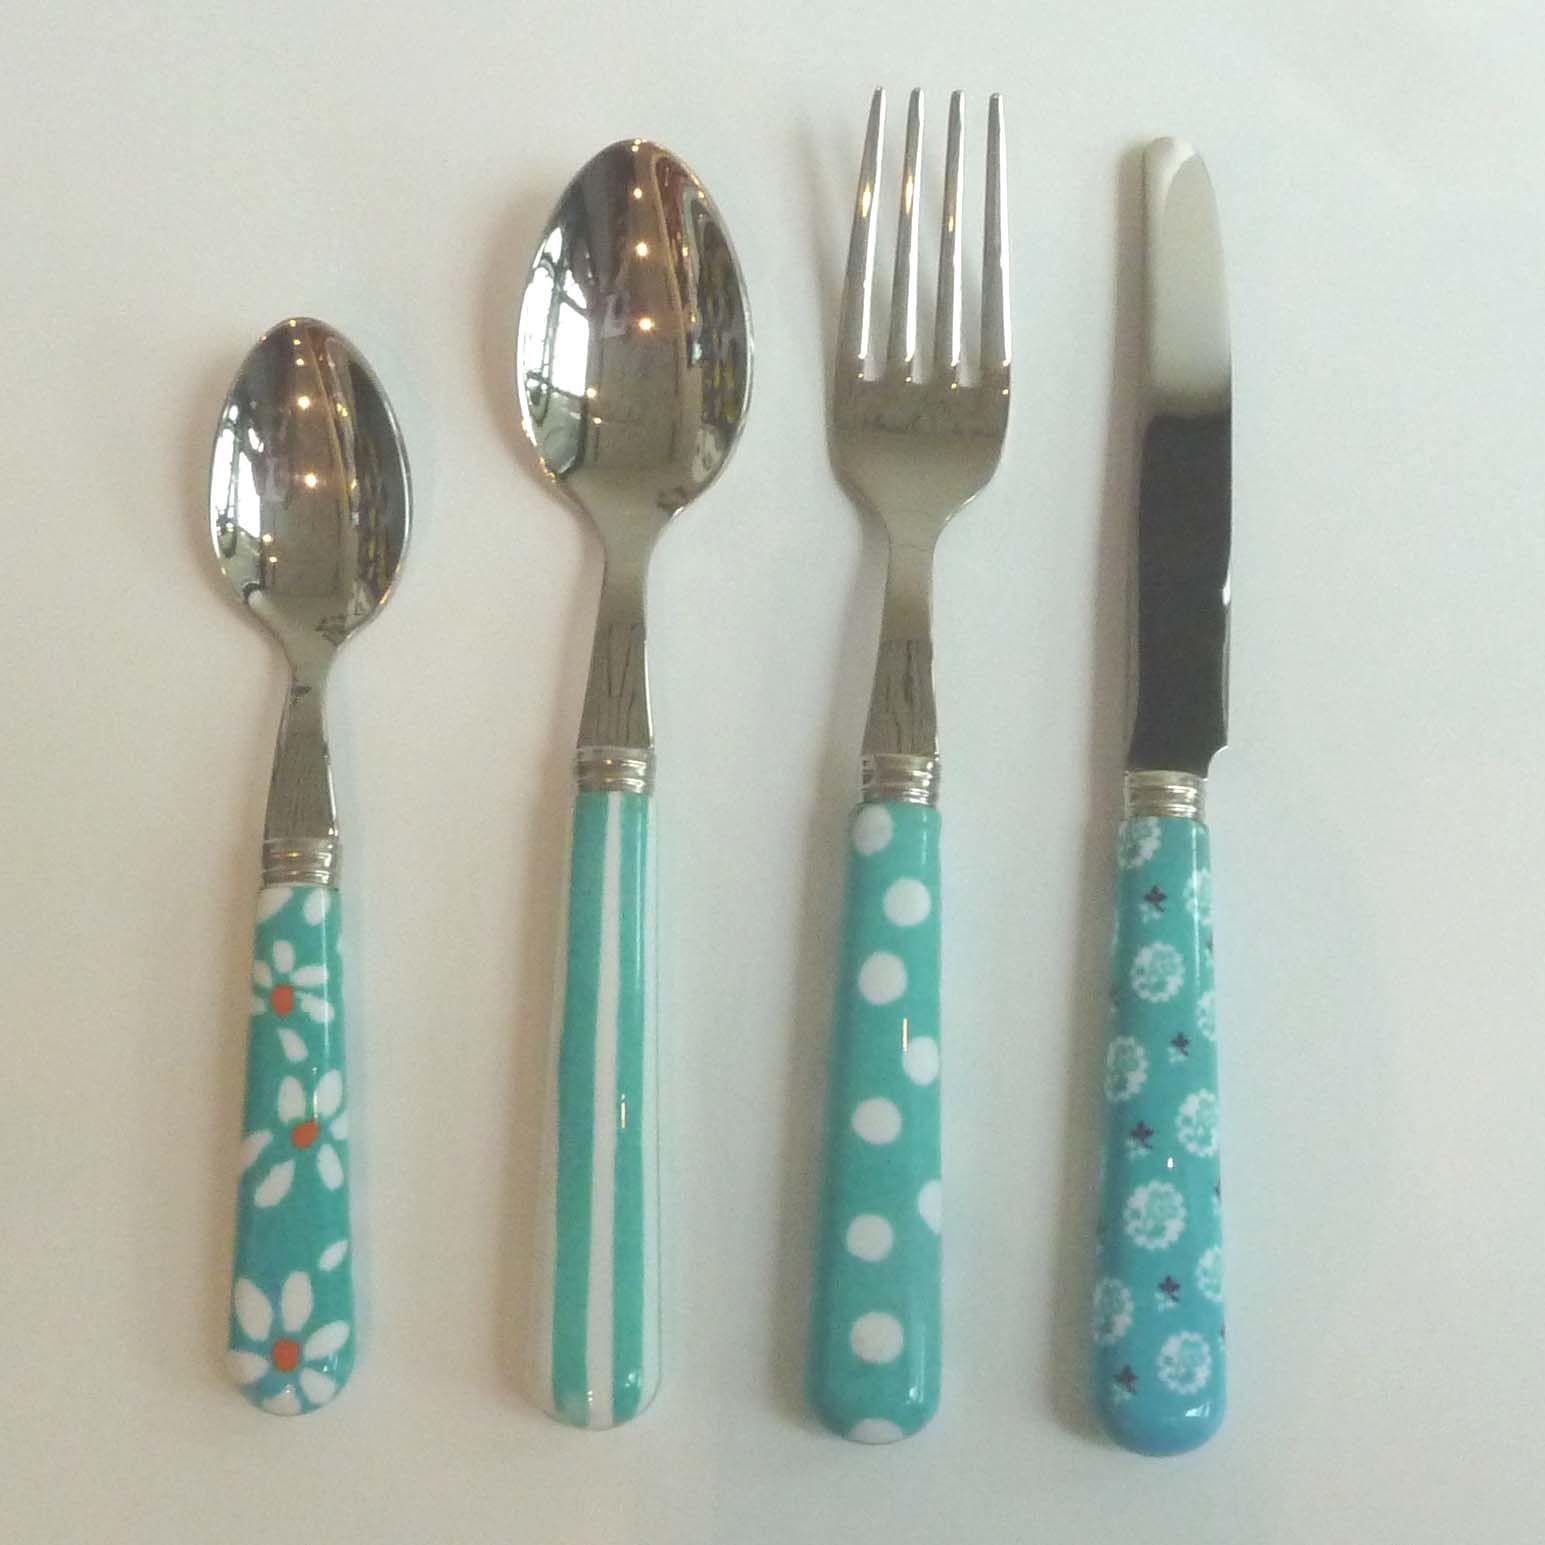 Besteck Cutlery Produkte Bei Kochkultur Besteck Und Produkte